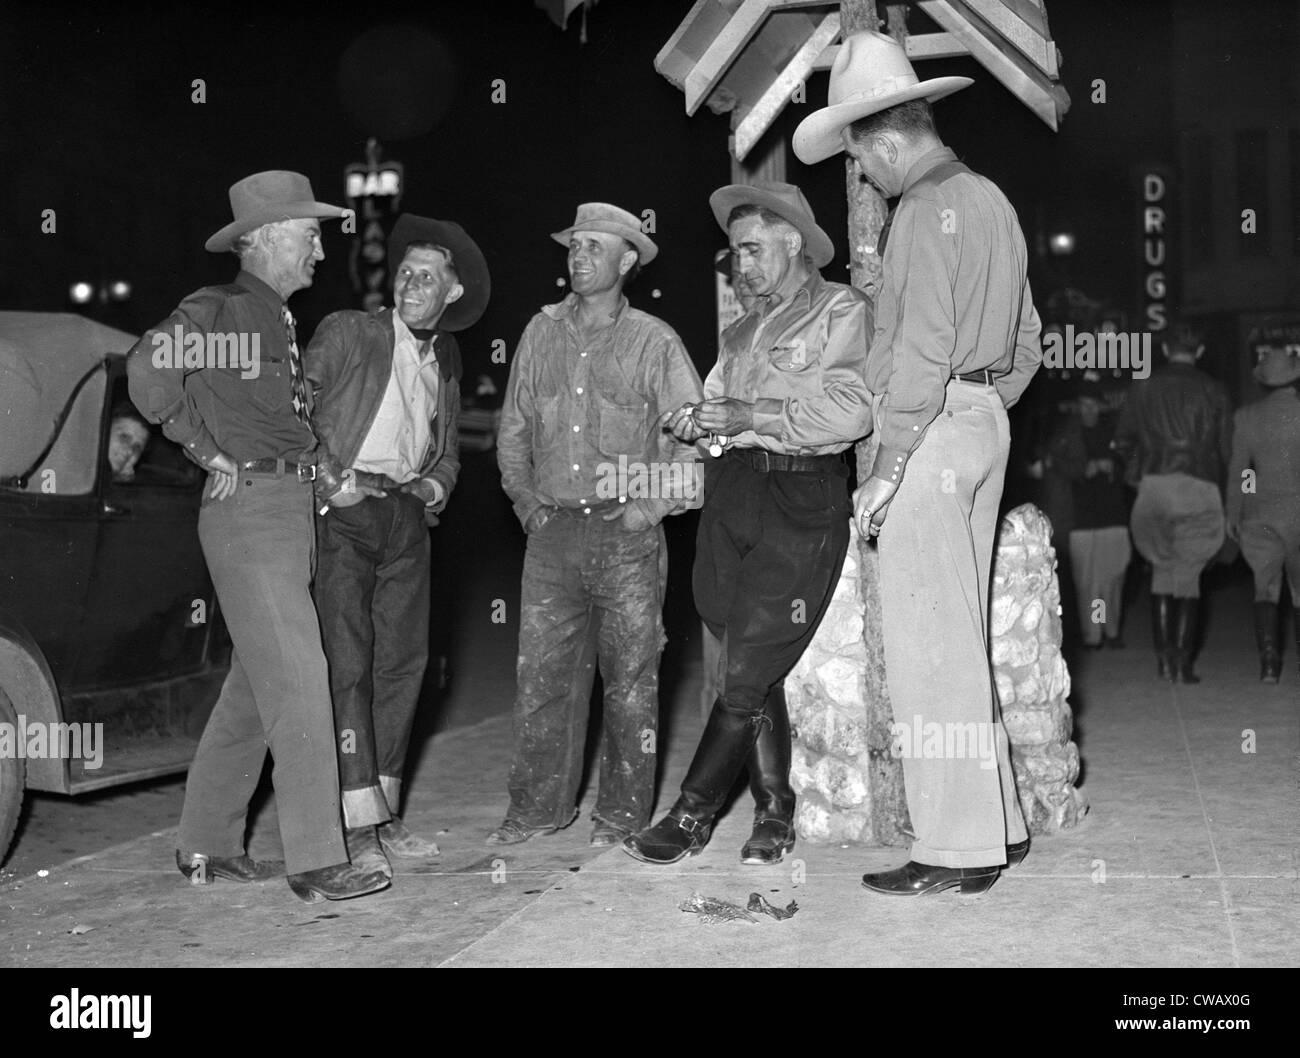 Las Vegas, Nevada, Main Street corner, circa 1940s. - Stock Image